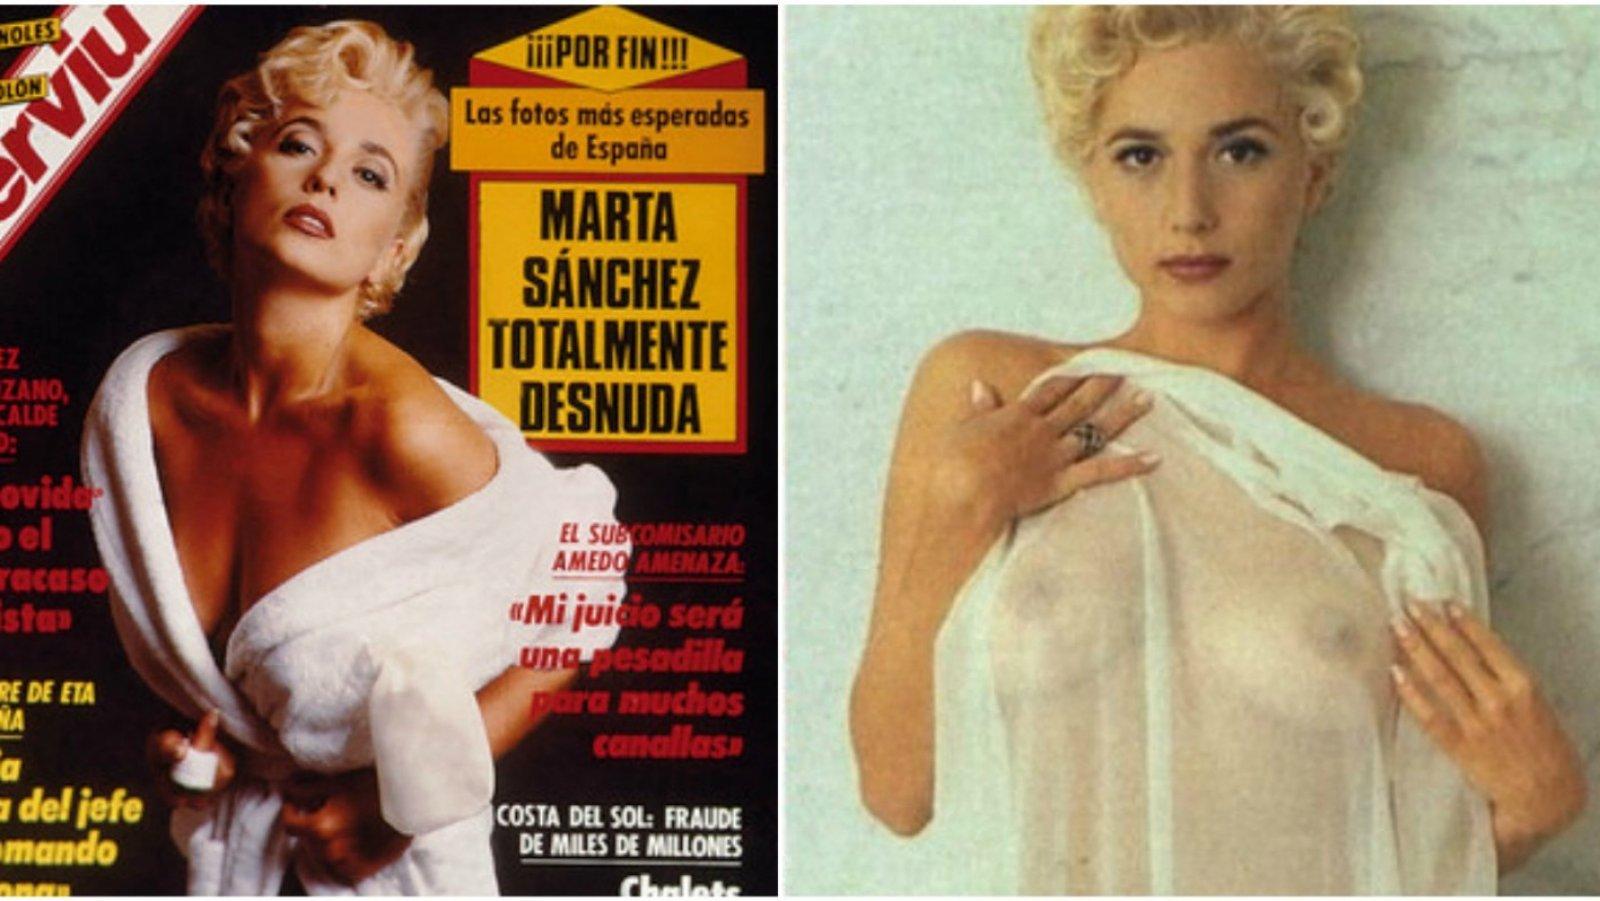 El reportaje que erigió a Marta Sánchez como un sex symbol español.